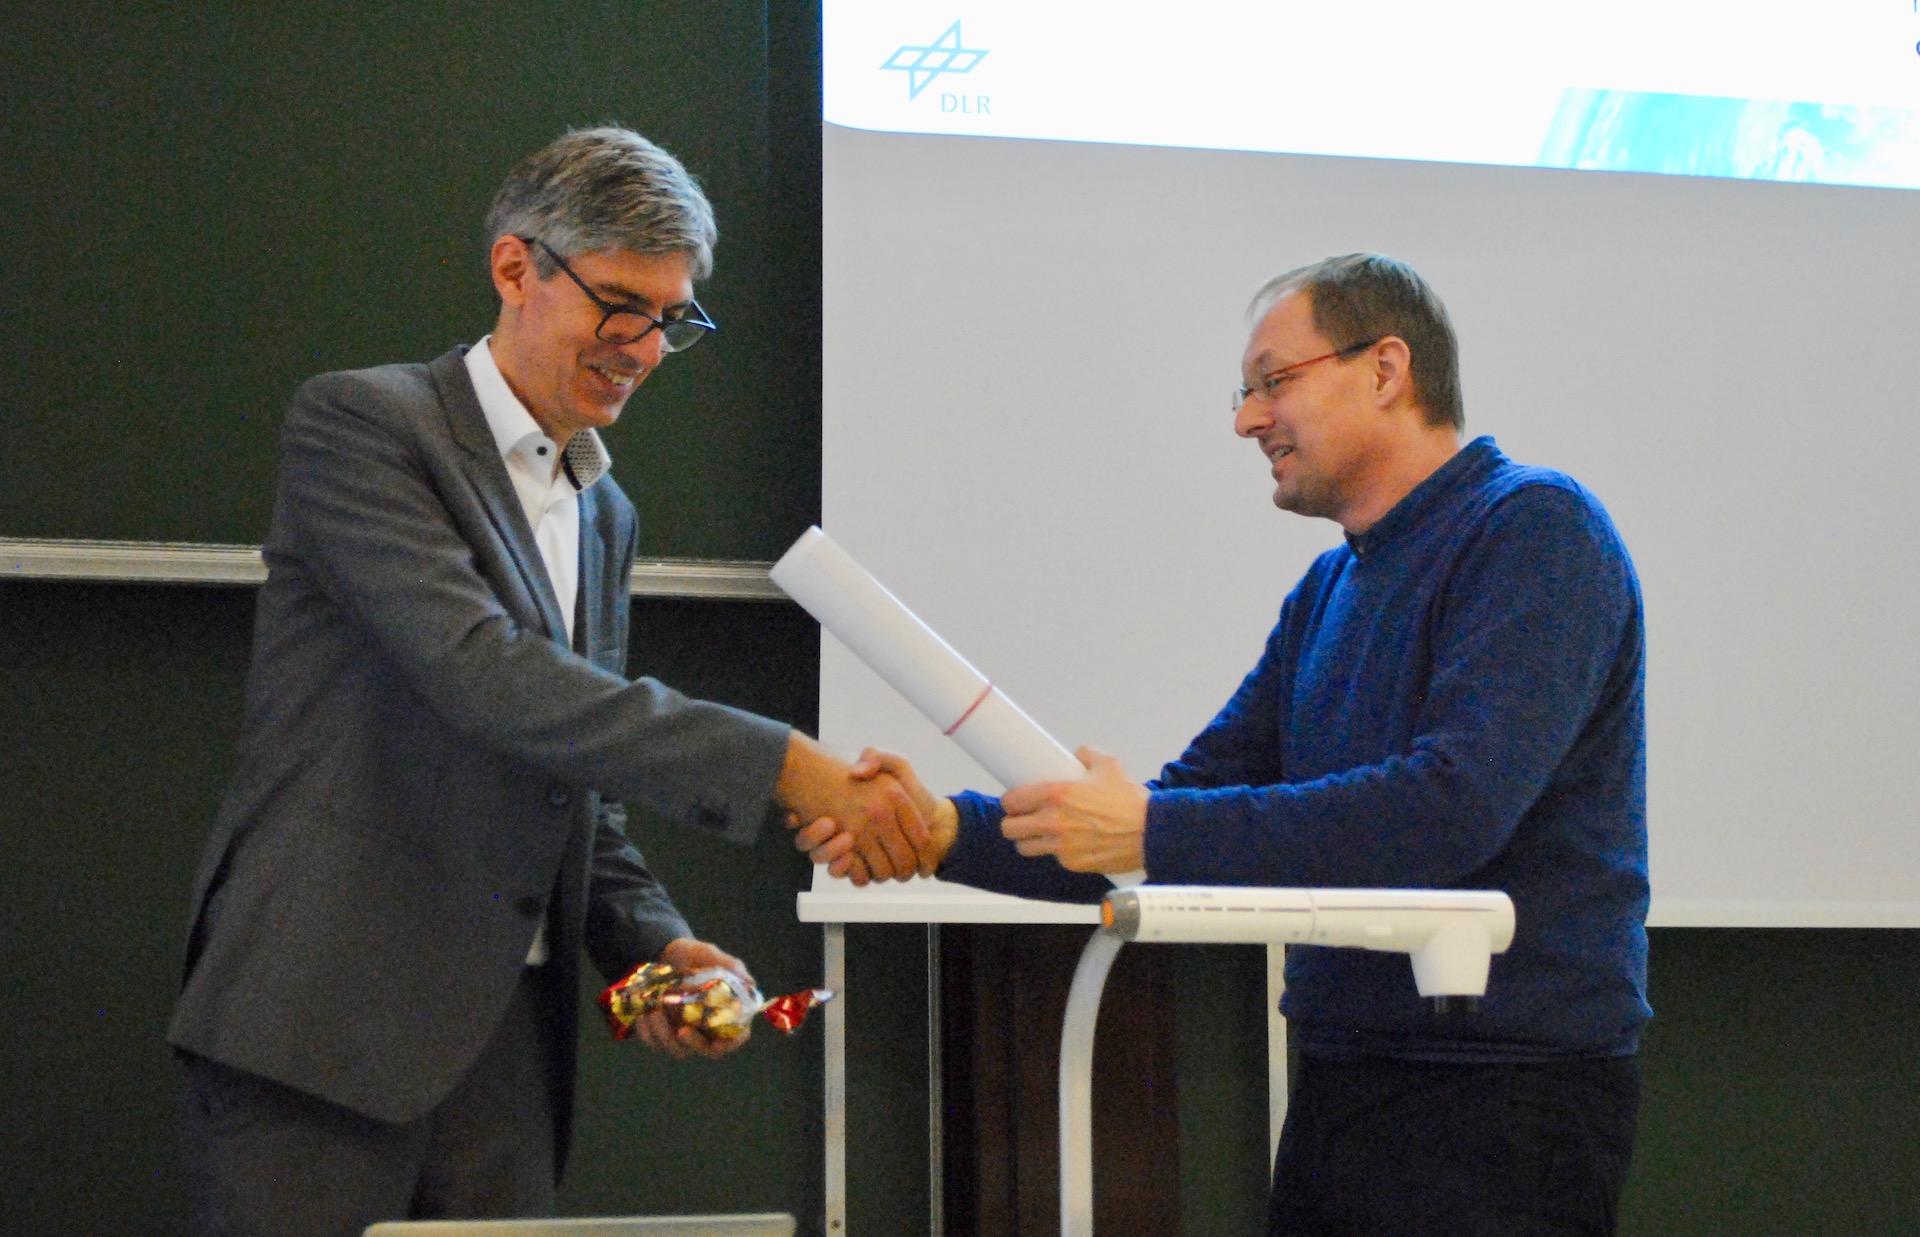 Professor Albu-Schäffer is thanked